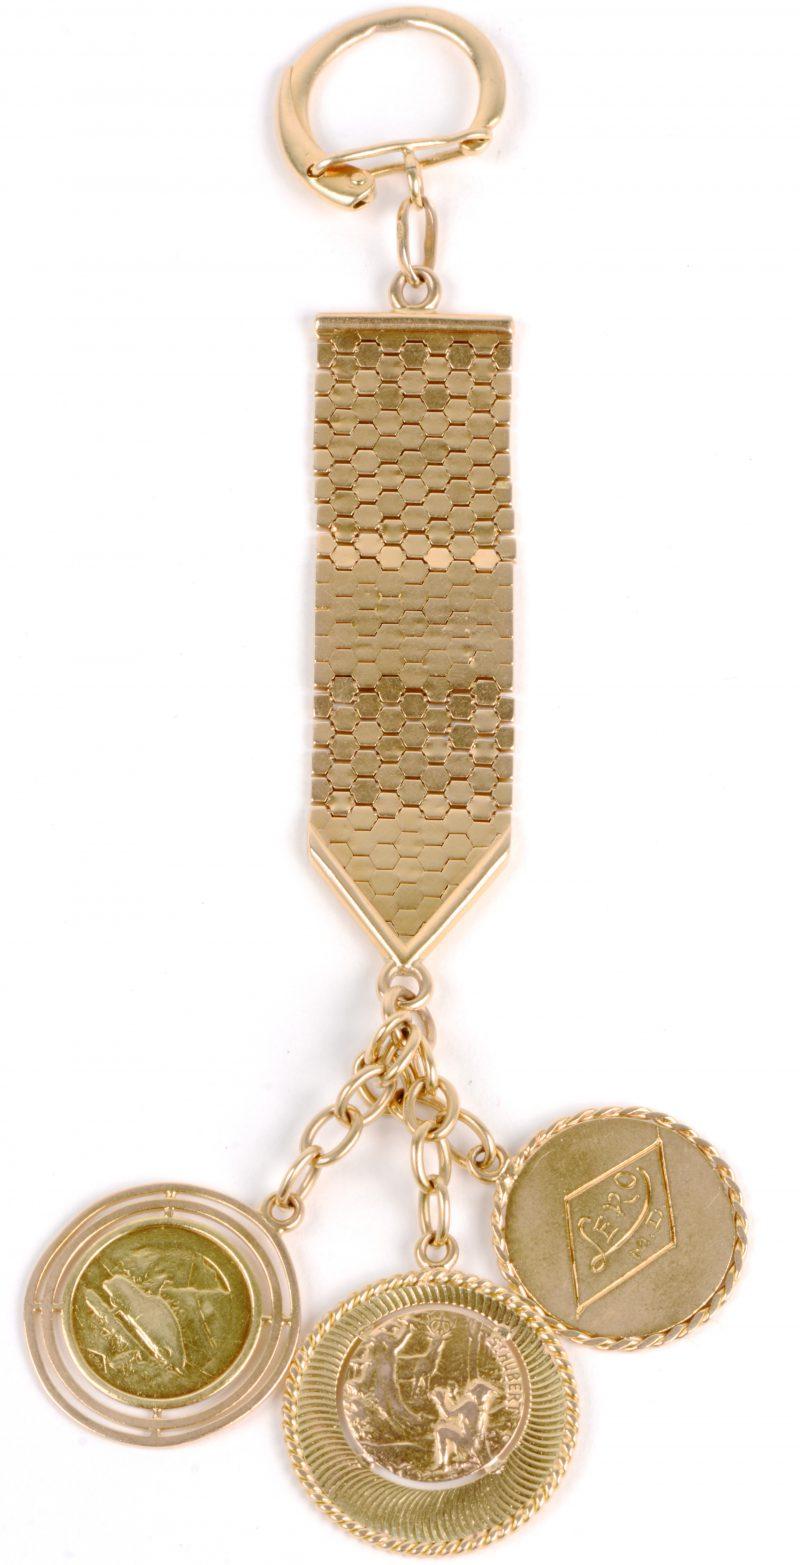 Een 18 karaats geel gouden sleutelhanger met drie chapulieren.